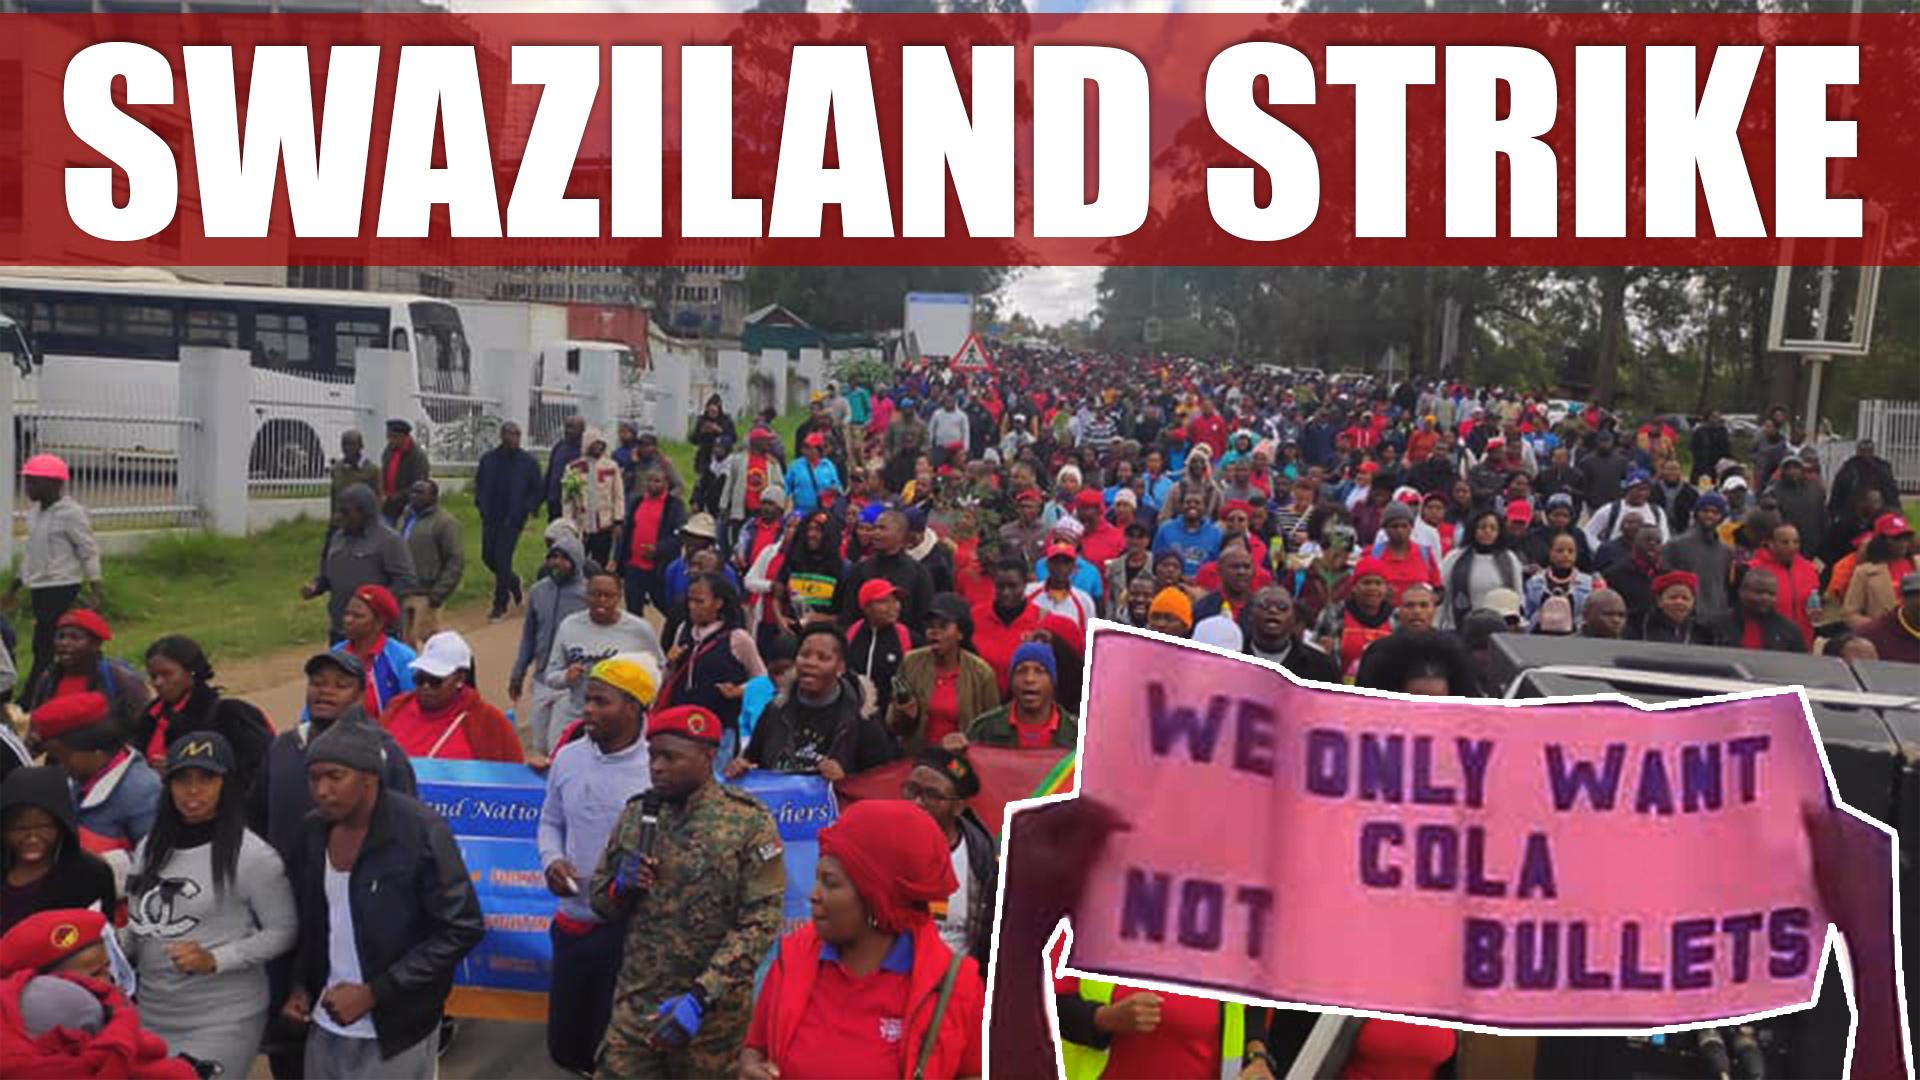 Swaziland strike